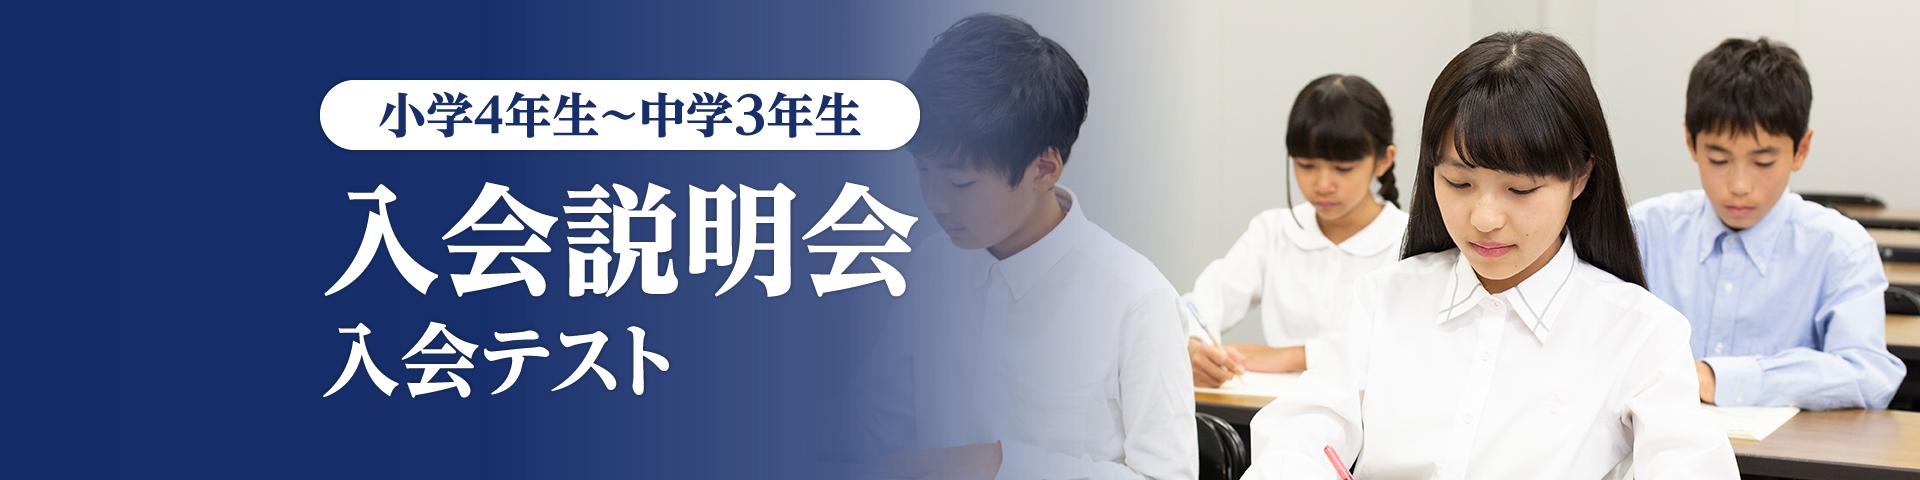 高校受験コース 入会説明会